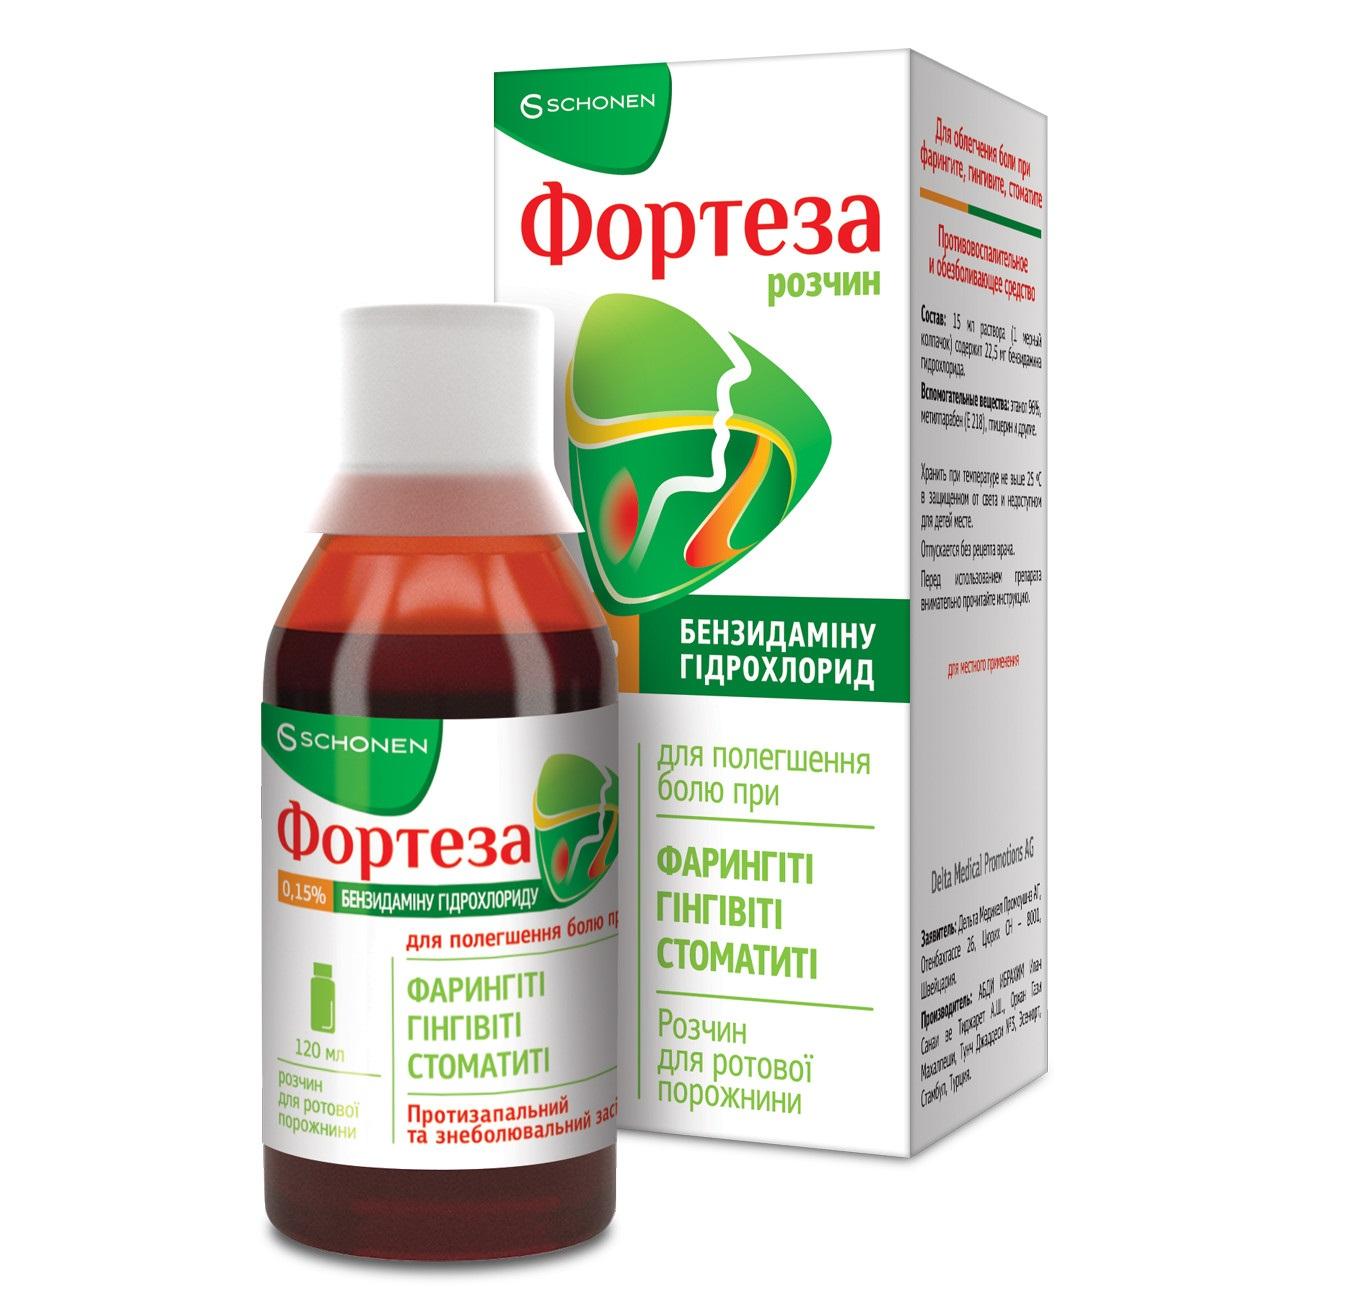 ФОРТЕЗА Р-Р 0,15% 120МЛ